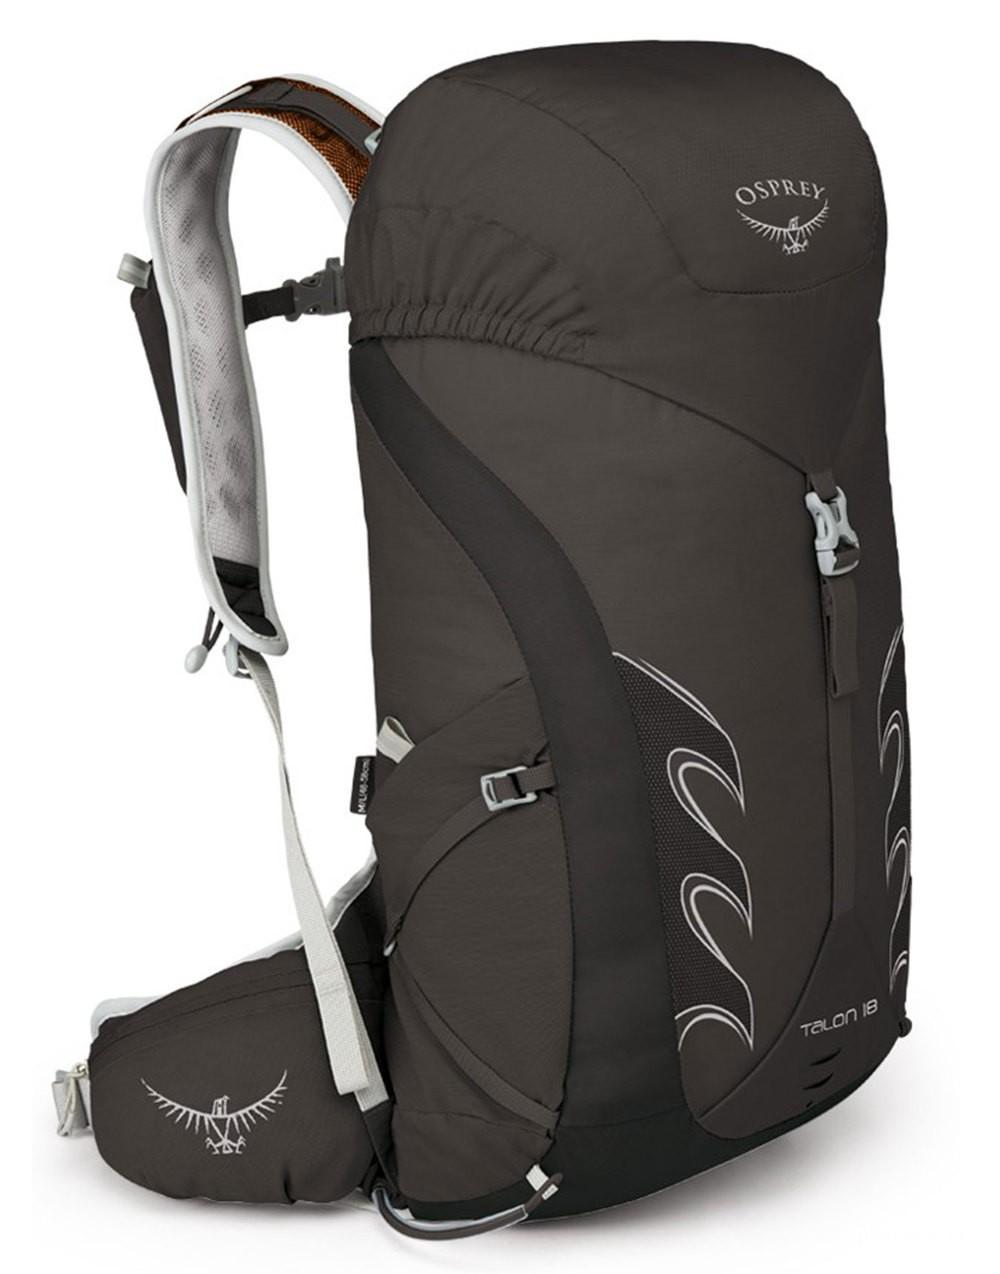 Osprey Sac à dos de randonnée léger homme - Talon 18 Black - Marque